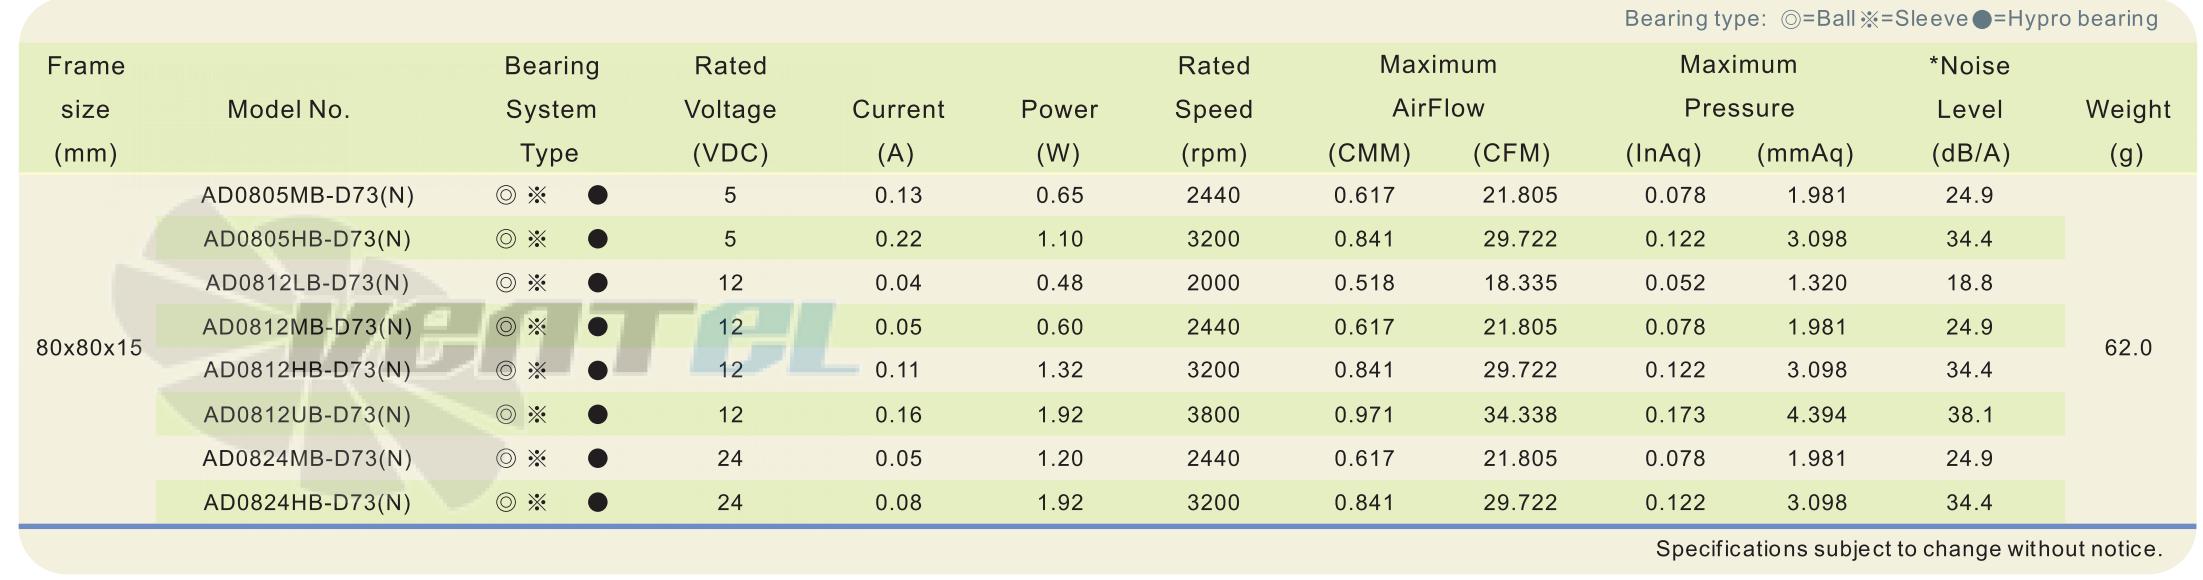 Рабочие параметры и характеристики ADDA AD0812HB-D73-N 80x80x15 DC